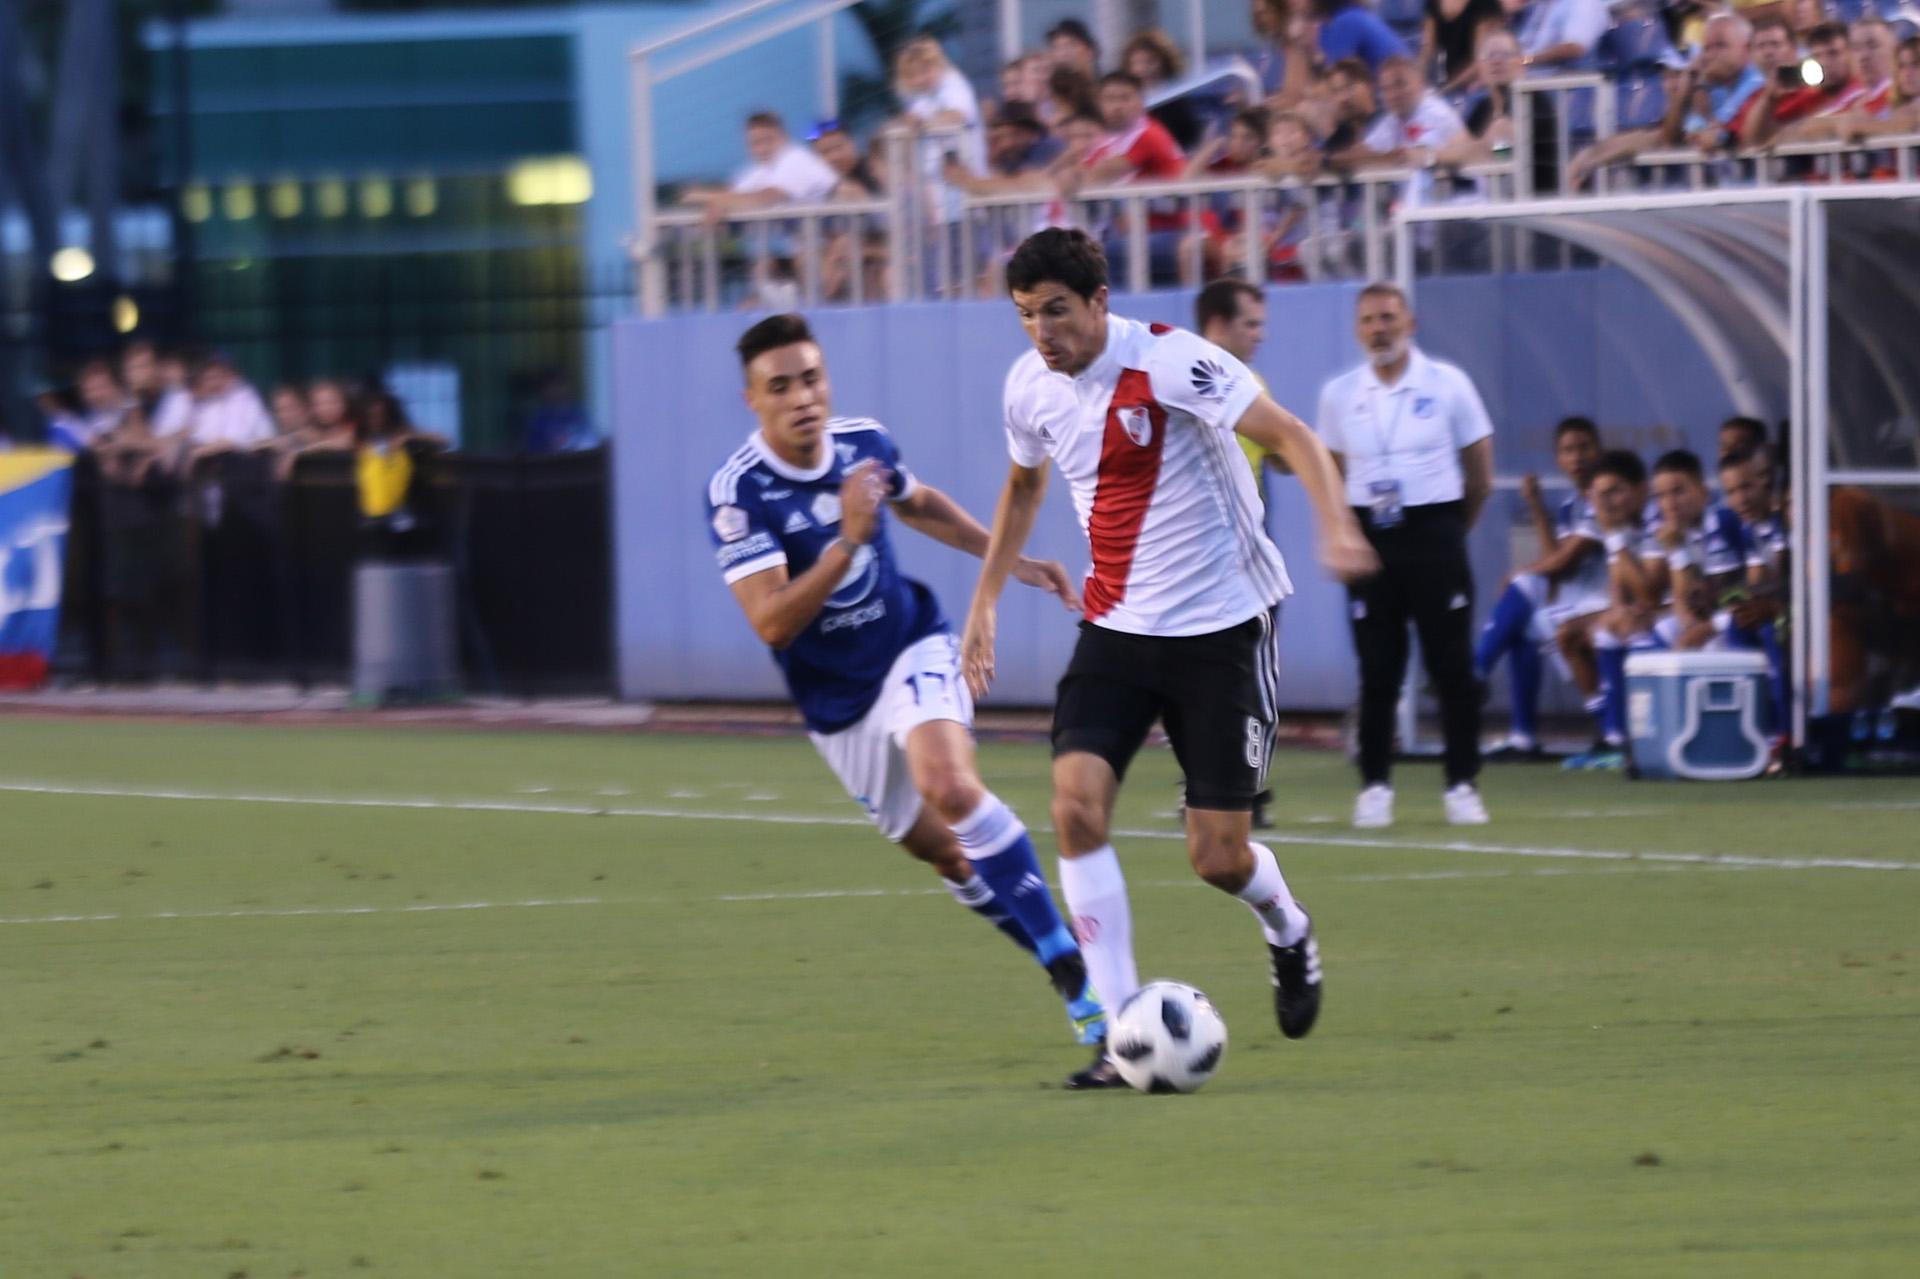 River vs Millonarios, Julio 2018 (Luis Fernandez)